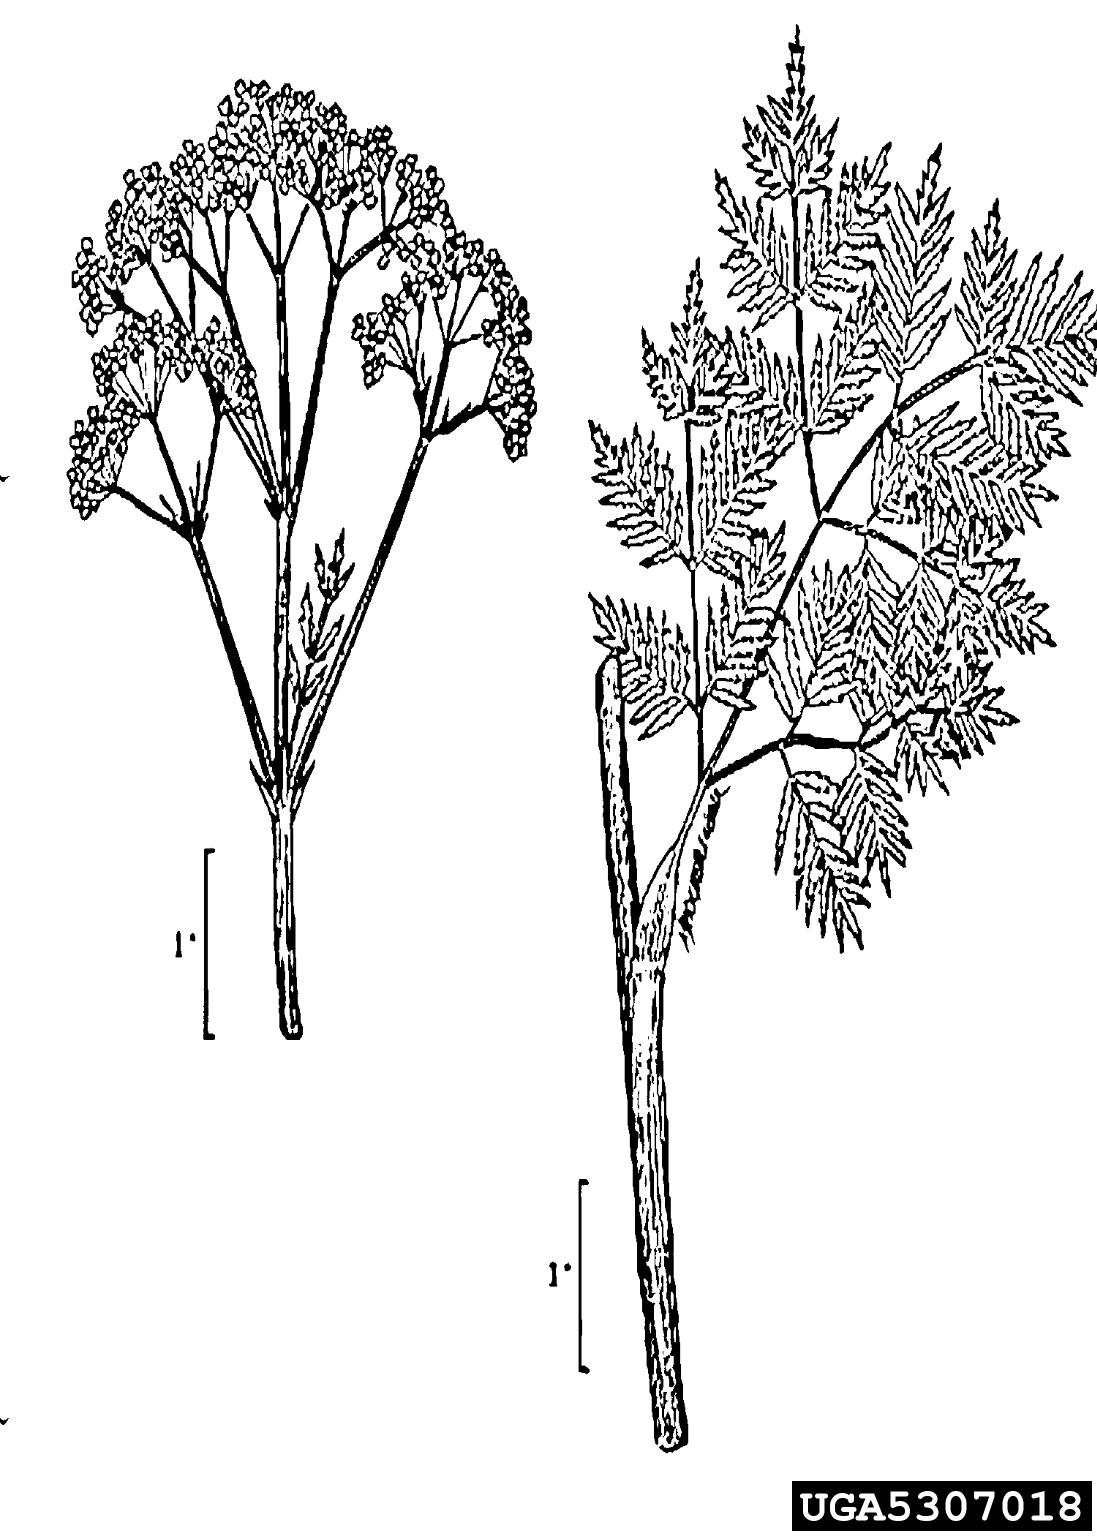 poison hemlock: Conium maculatum (Apiales: Apiaceae)